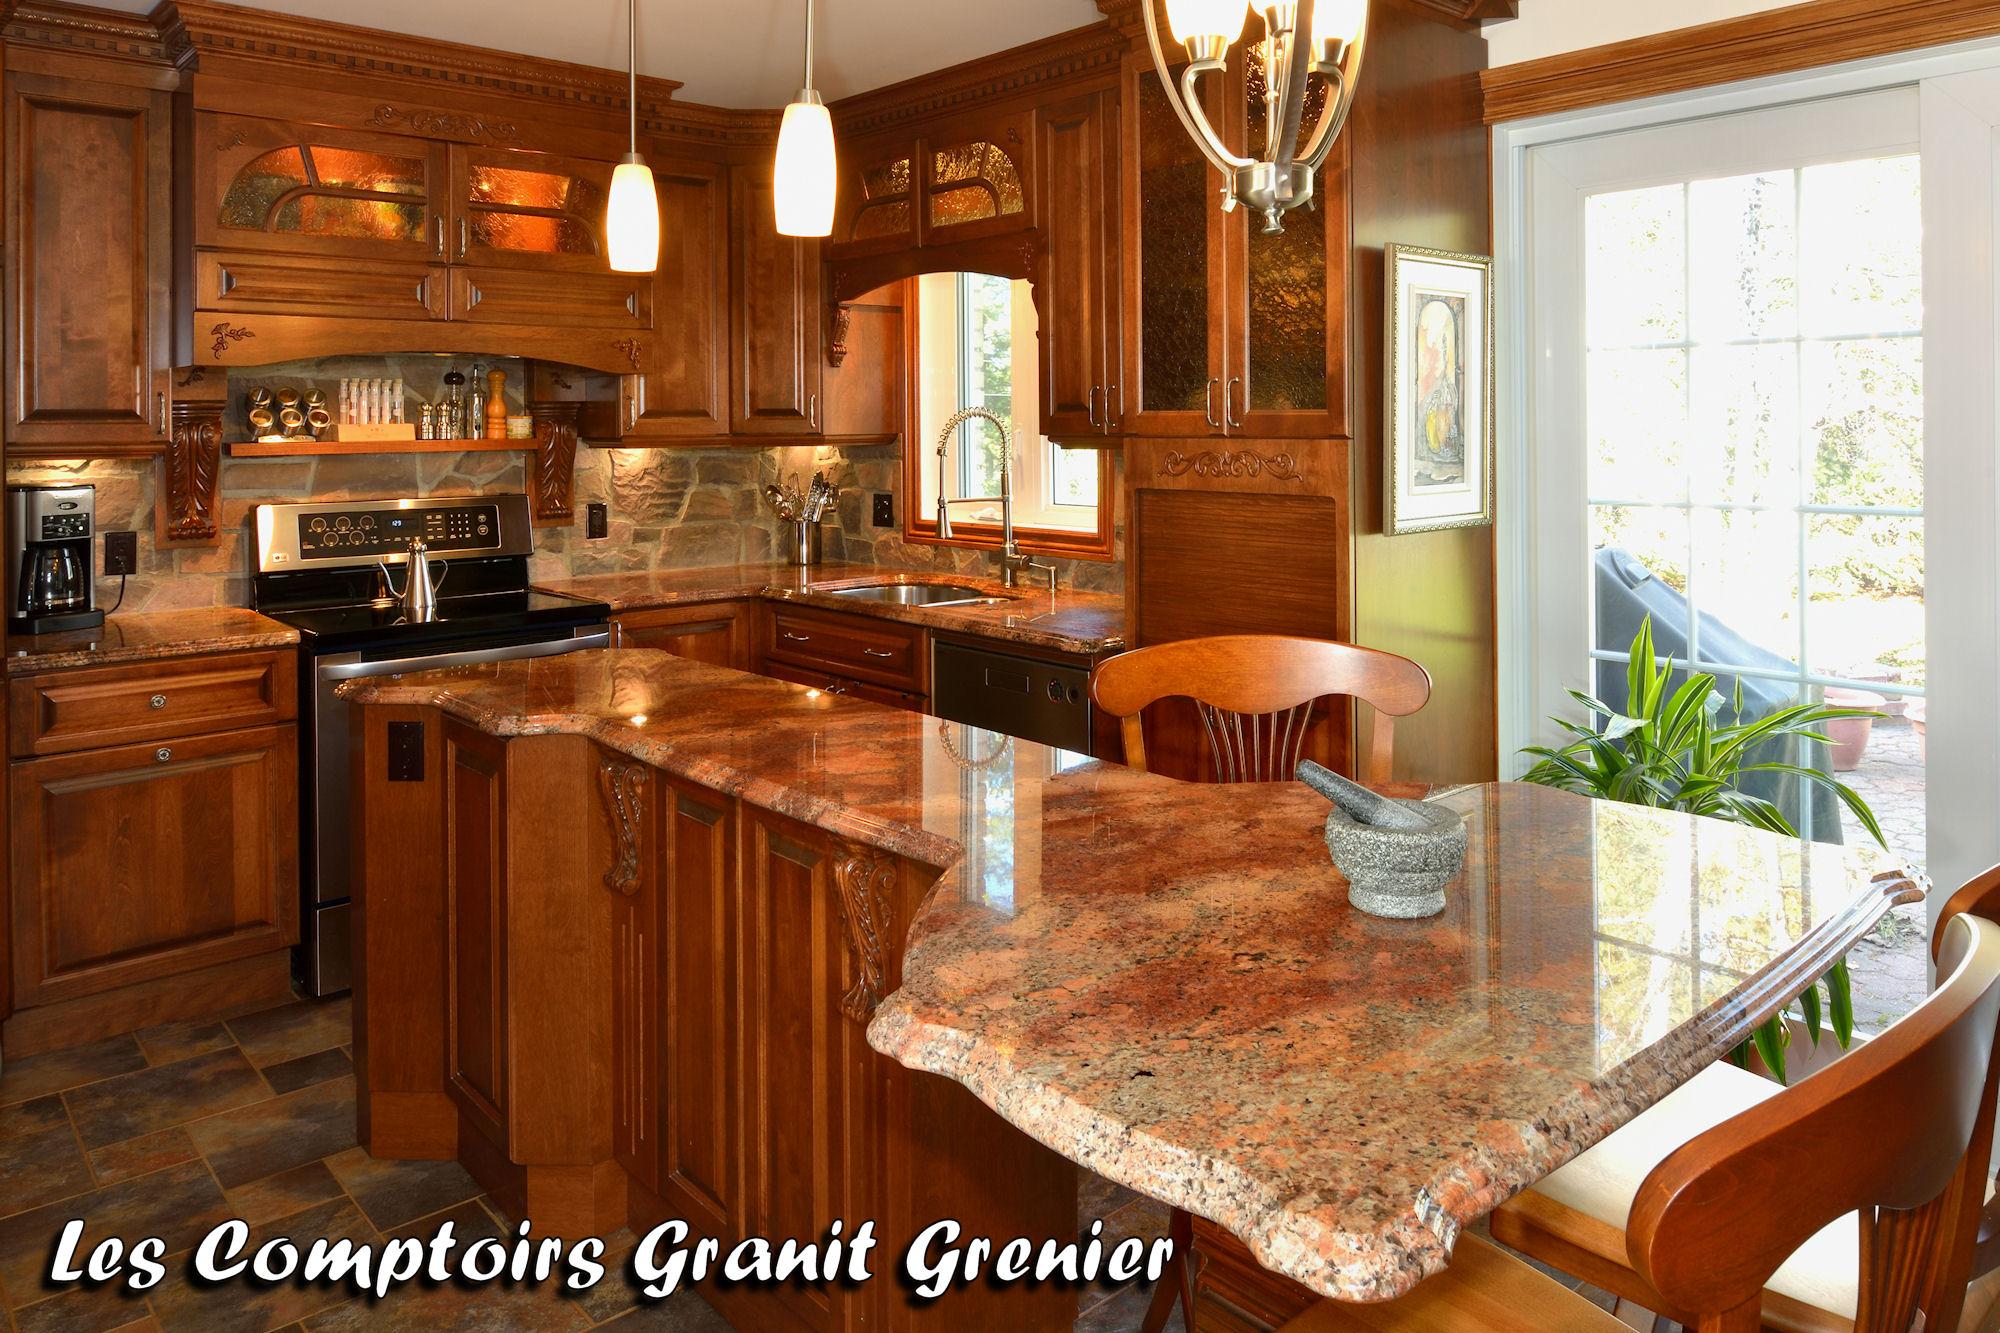 comptoir cuisine granit 022 large 30 Beau Comptoir De Cuisine Uqw1